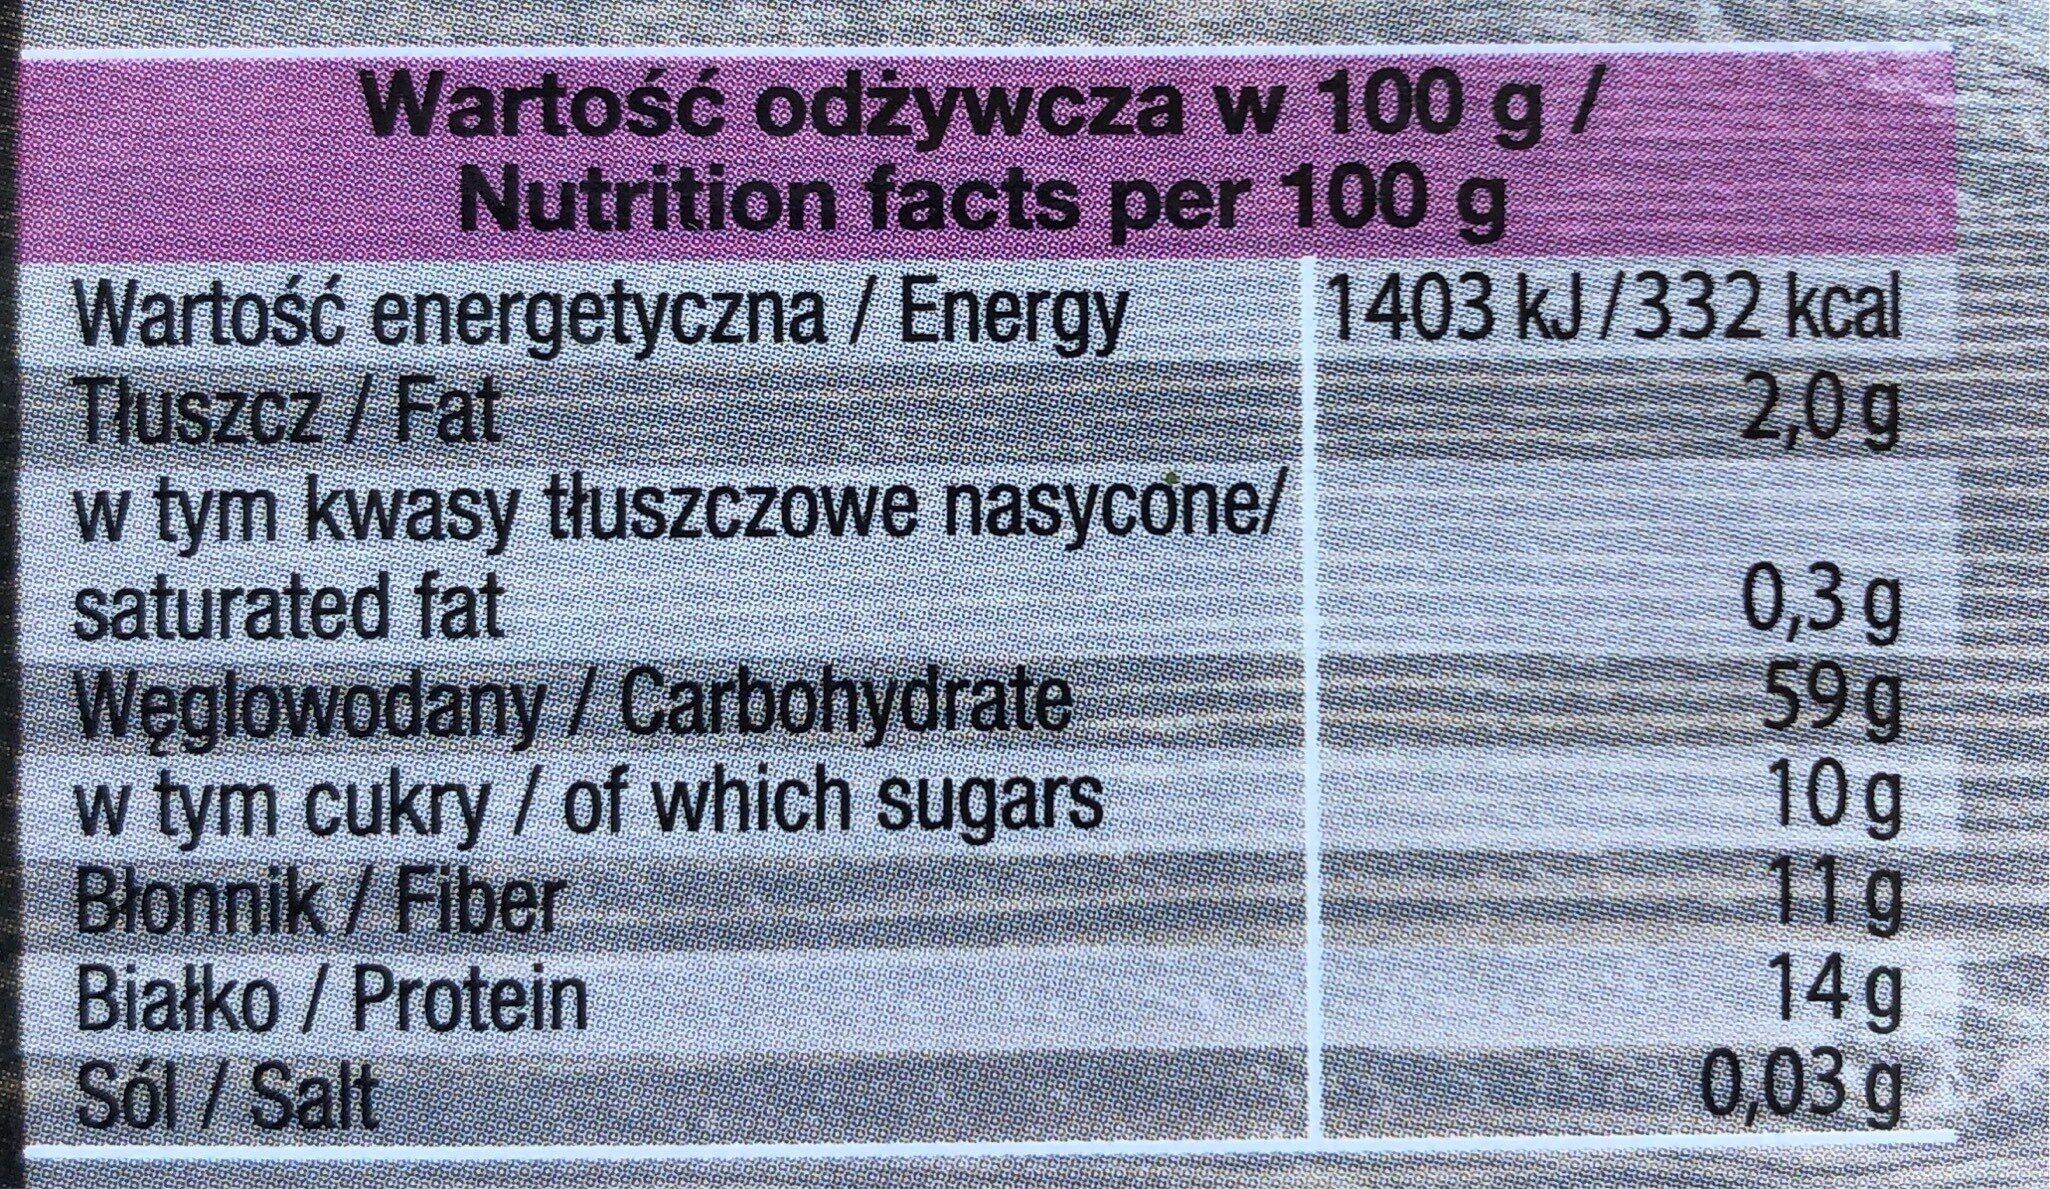 Trendy Lunch - Orkisz, Buraki, Papryka, Czosnek niedźwiedzi - Informations nutritionnelles - fr